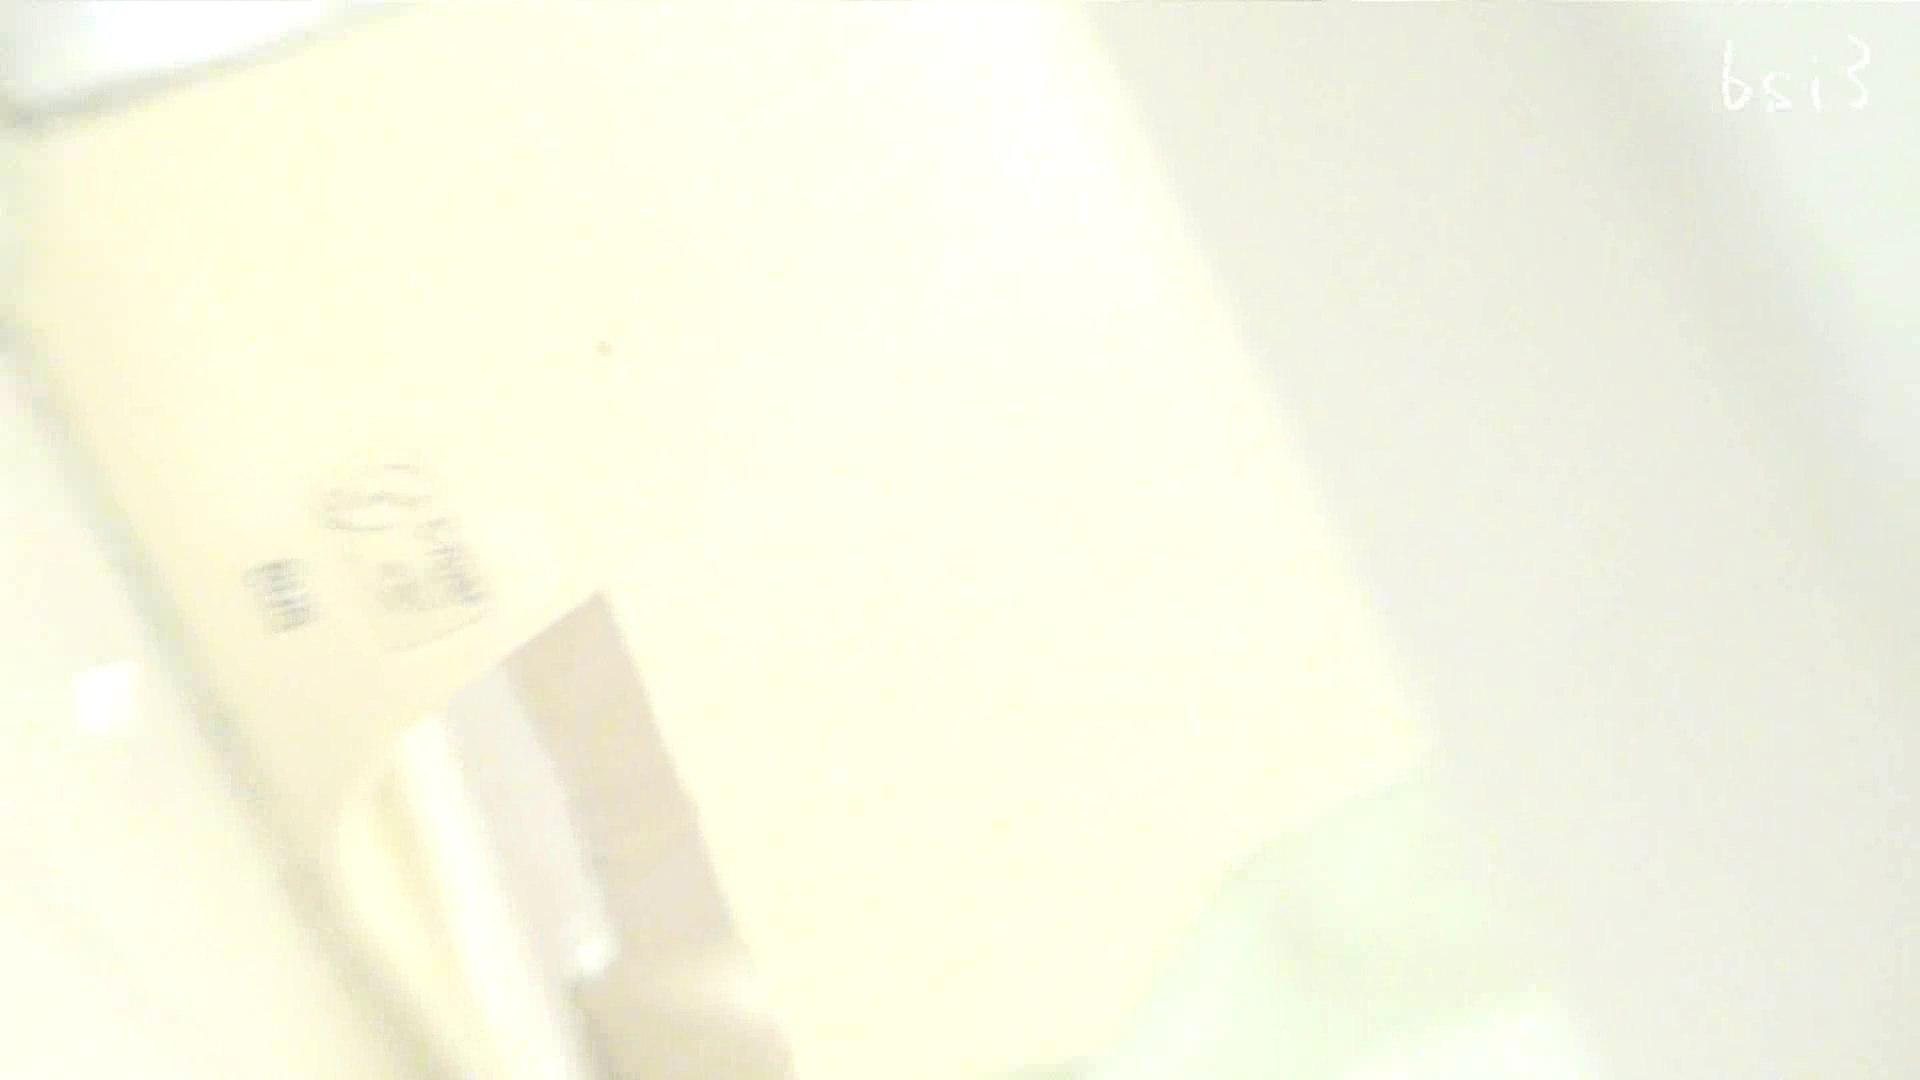 ナースのお小水 vol.003 ぱっくり下半身  59画像 15